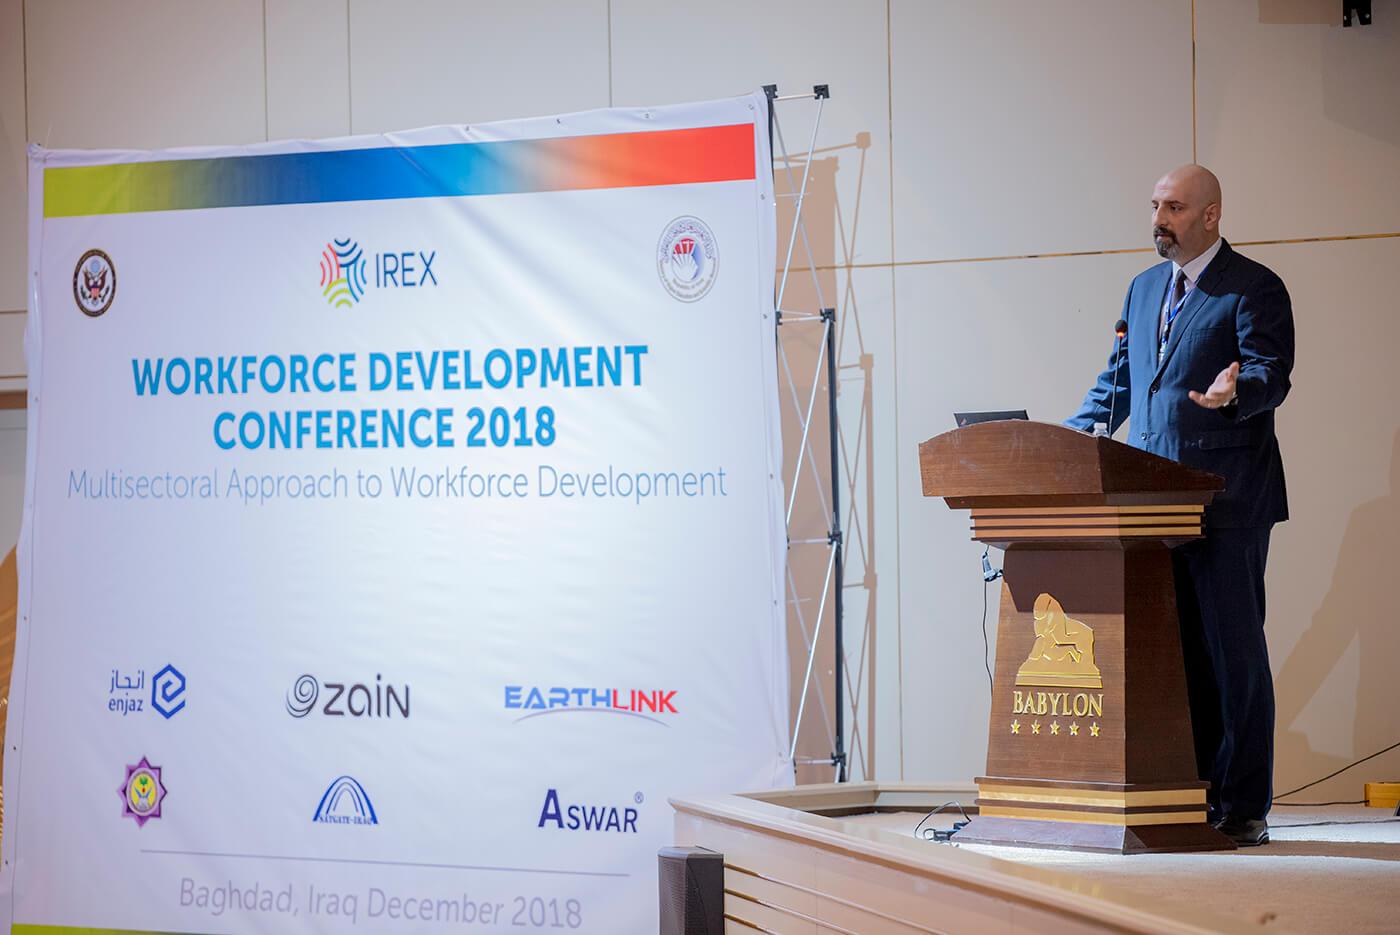 المؤتمر الدولي الأول لتطوير القوى العاملة